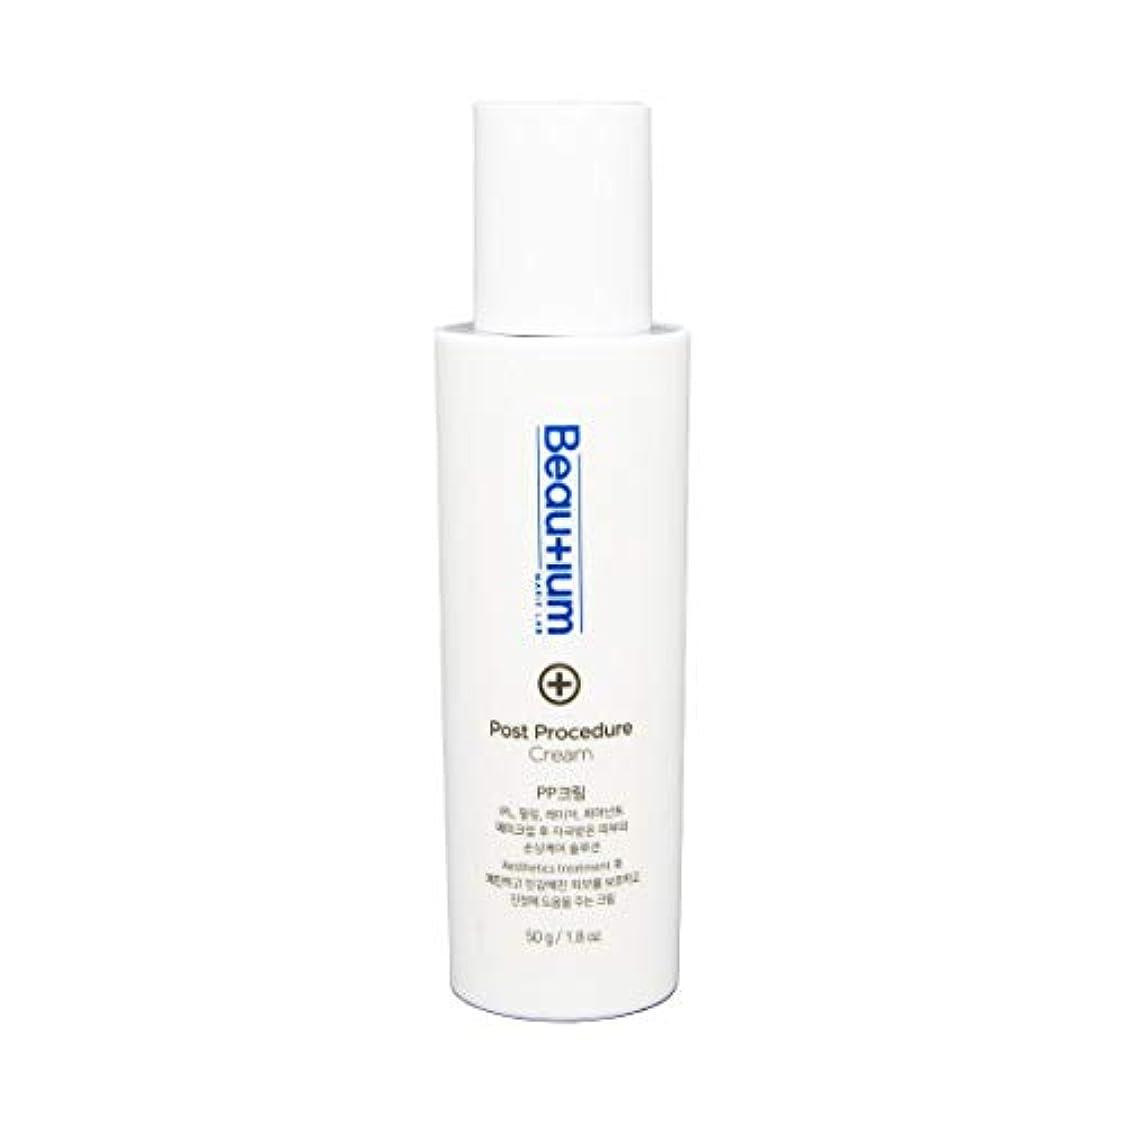 ダイアクリティカル遺棄された理容室[Beautium] ポスト手続クリーム50g鋭敏で敏感な肌用水分栄養の供給で早く鎮静 ??? ??? ????? ??